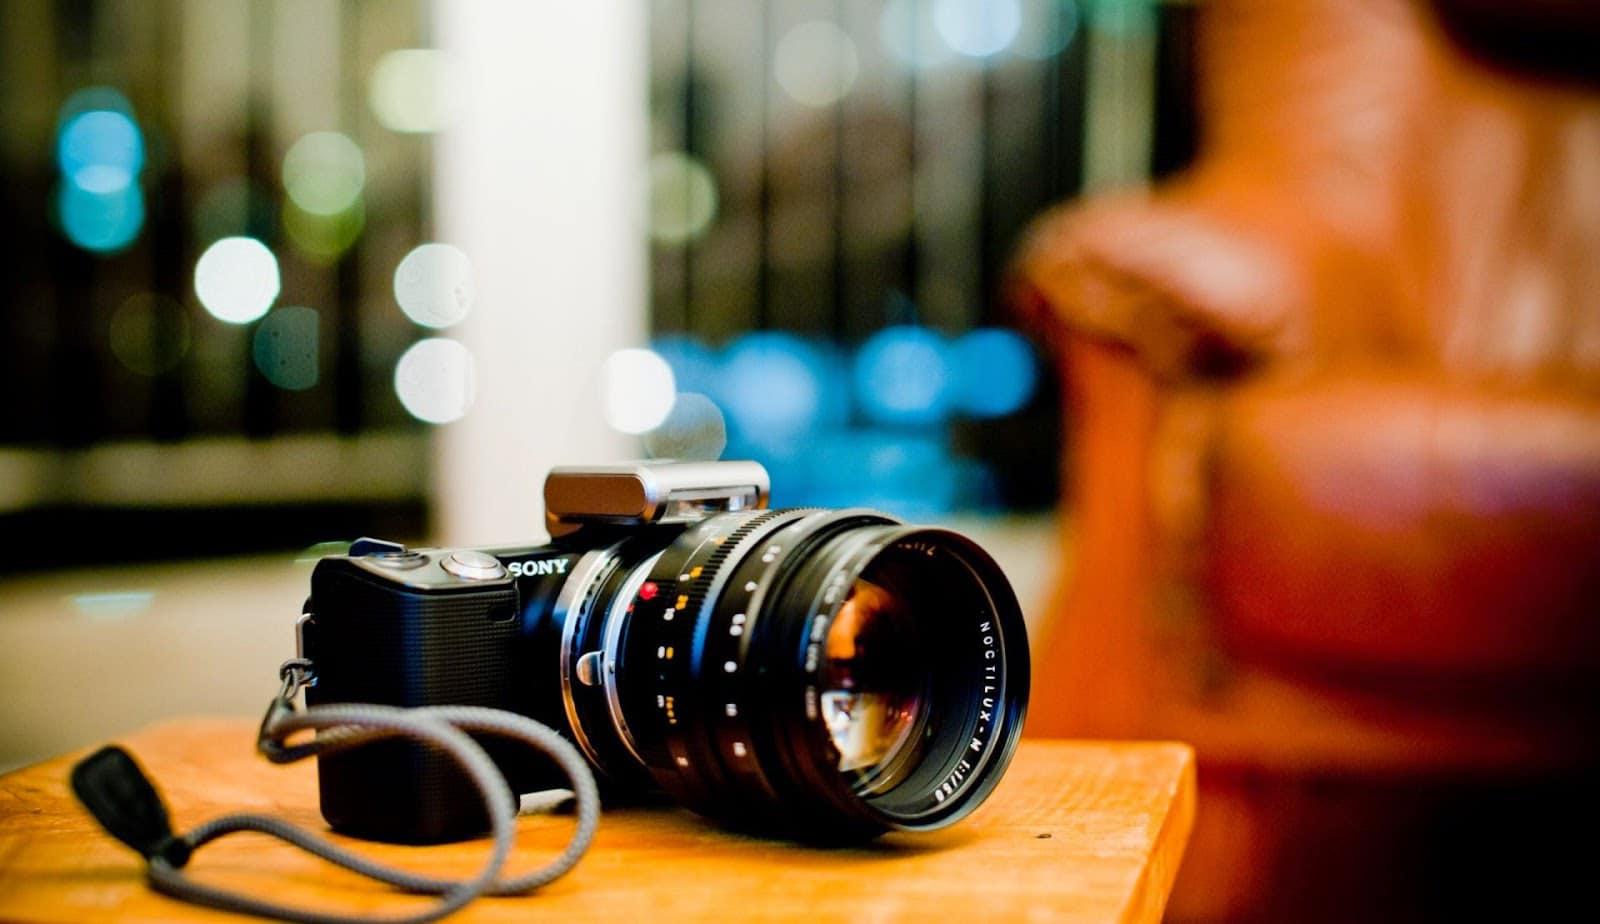 18-frases-de-fotografia-que-servem-de-inspiracao-eMania-19-06